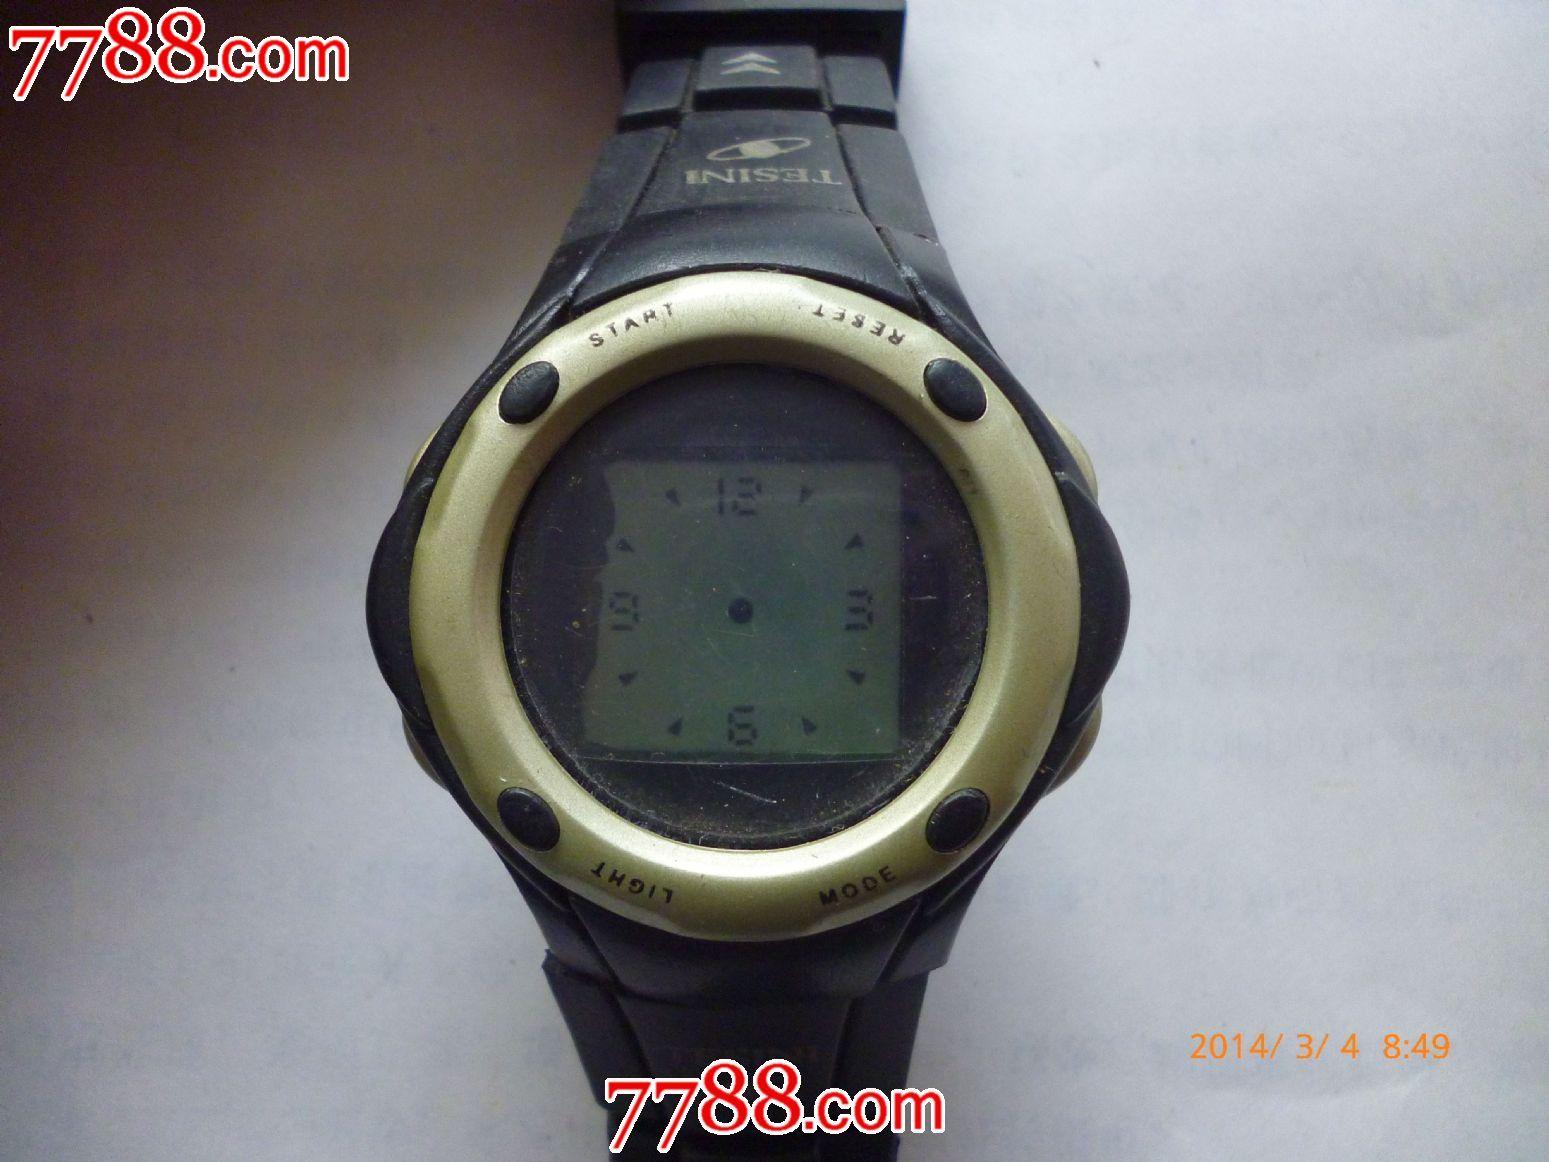 【不知名字】液晶指针显示电子手表一块!